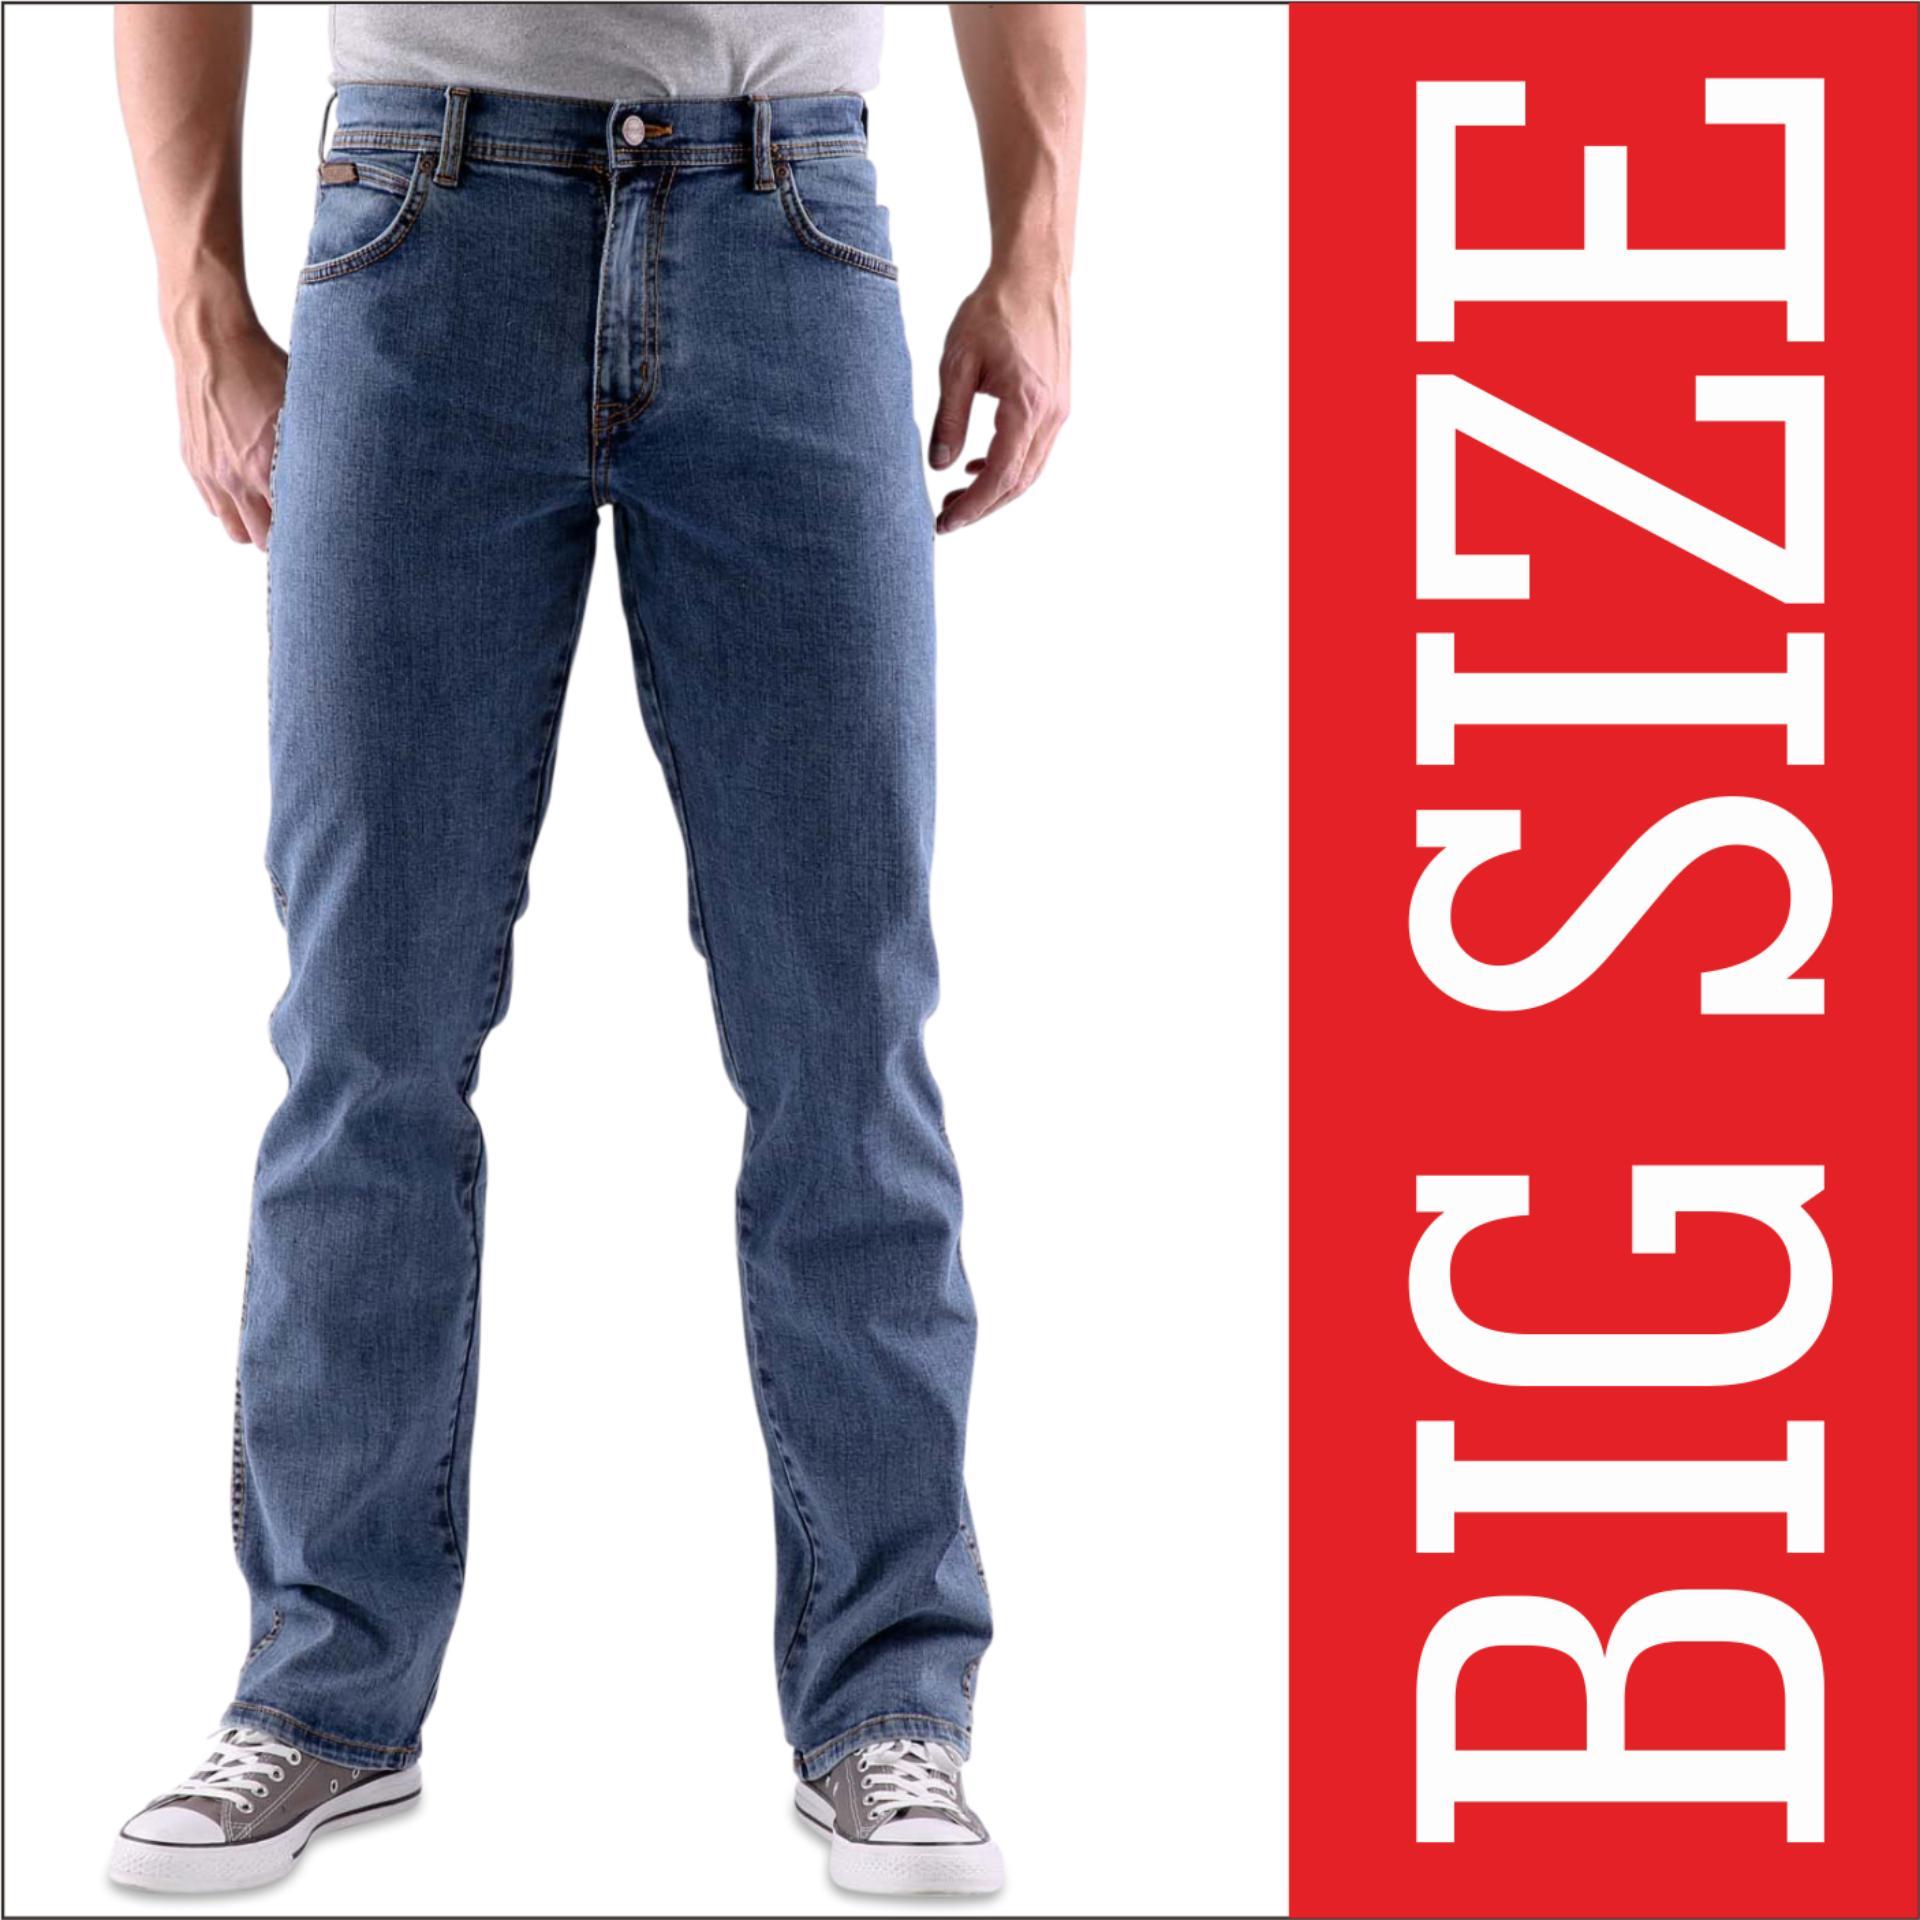 Beli Celana Jeans Big Size Pria Blue Wash Murah Di Indonesia